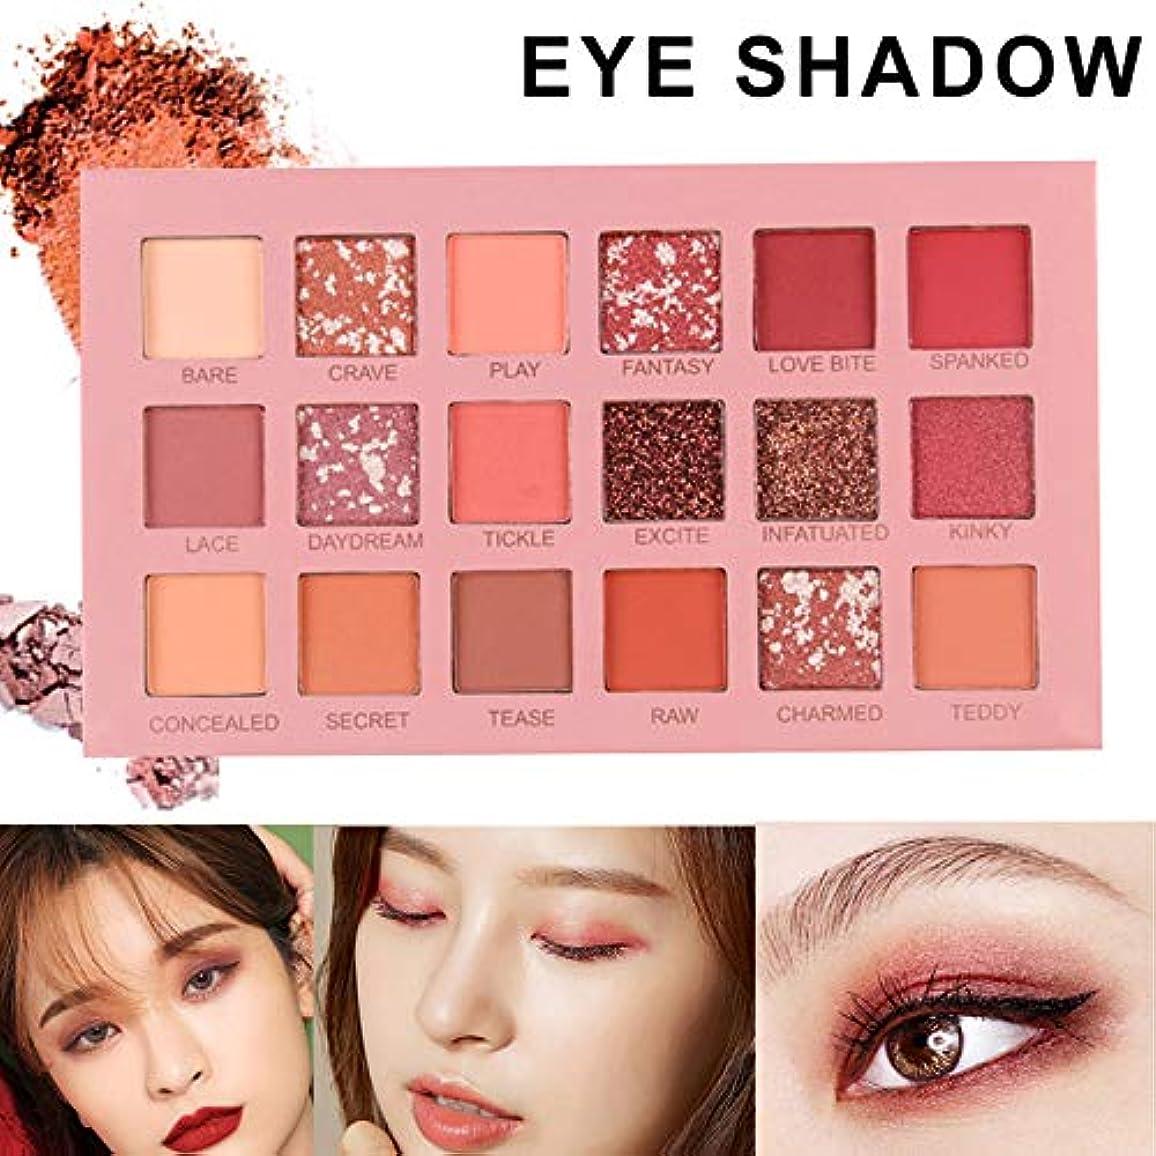 思慮のない裁定審判hownnery 18 colors Shining Matte Eyeshadow Pearlescent Waterproof Smog Eye Shadow Palette